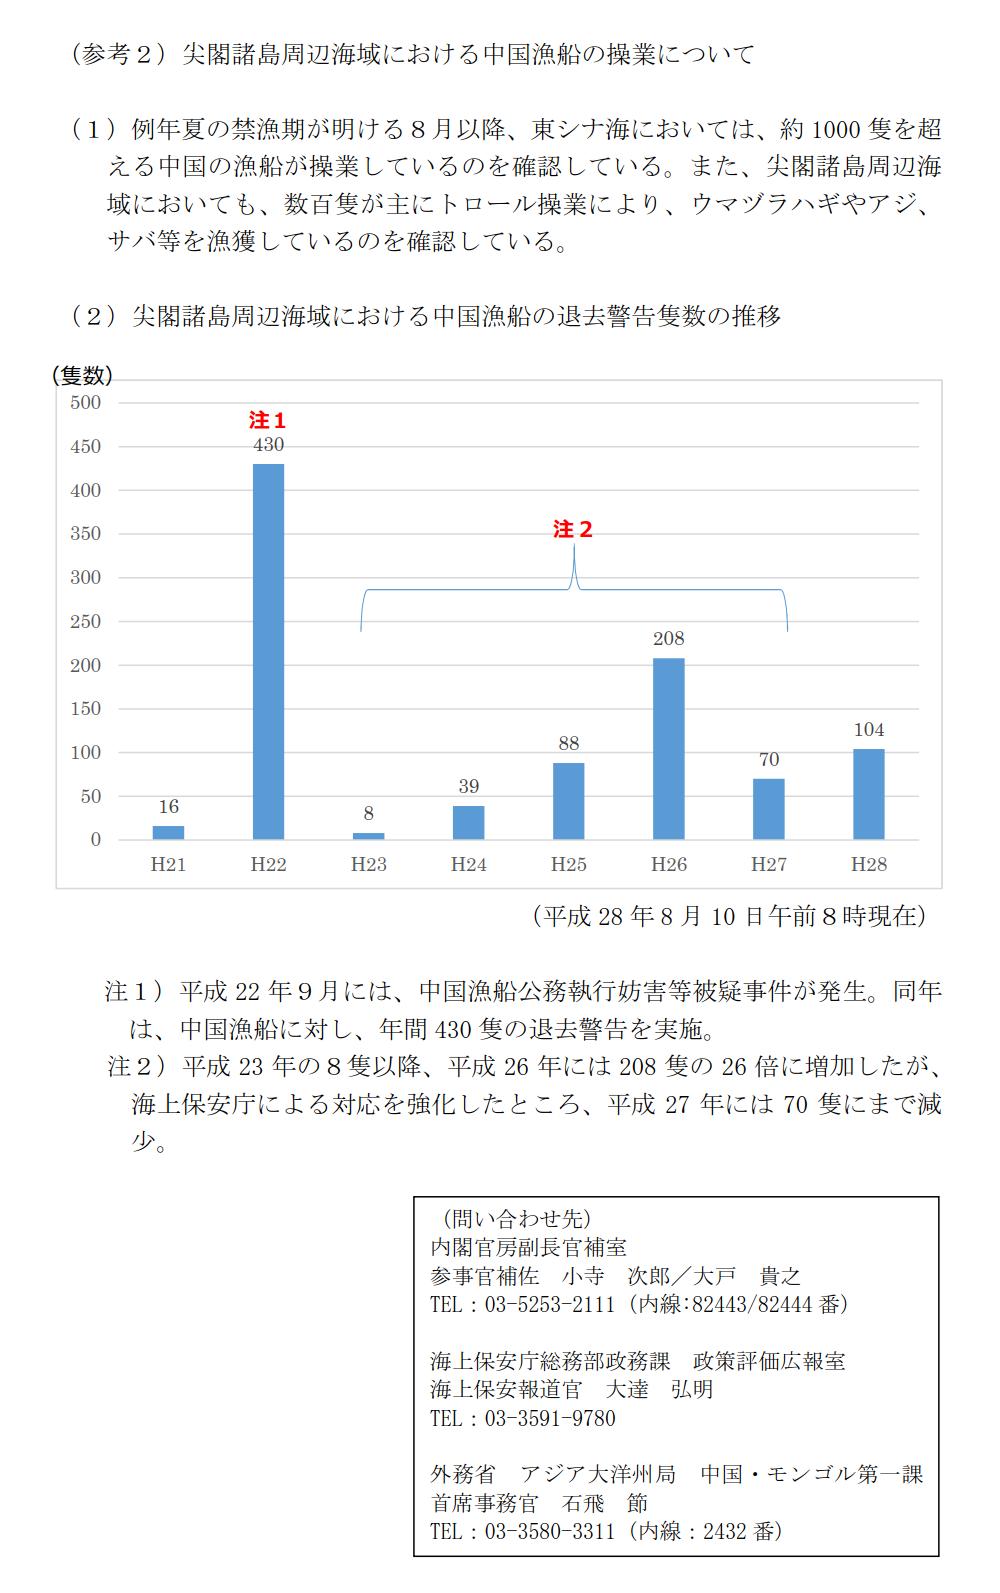 160810 尖閣諸島周辺海域における中国公船及び中国漁船の活動状況について_7